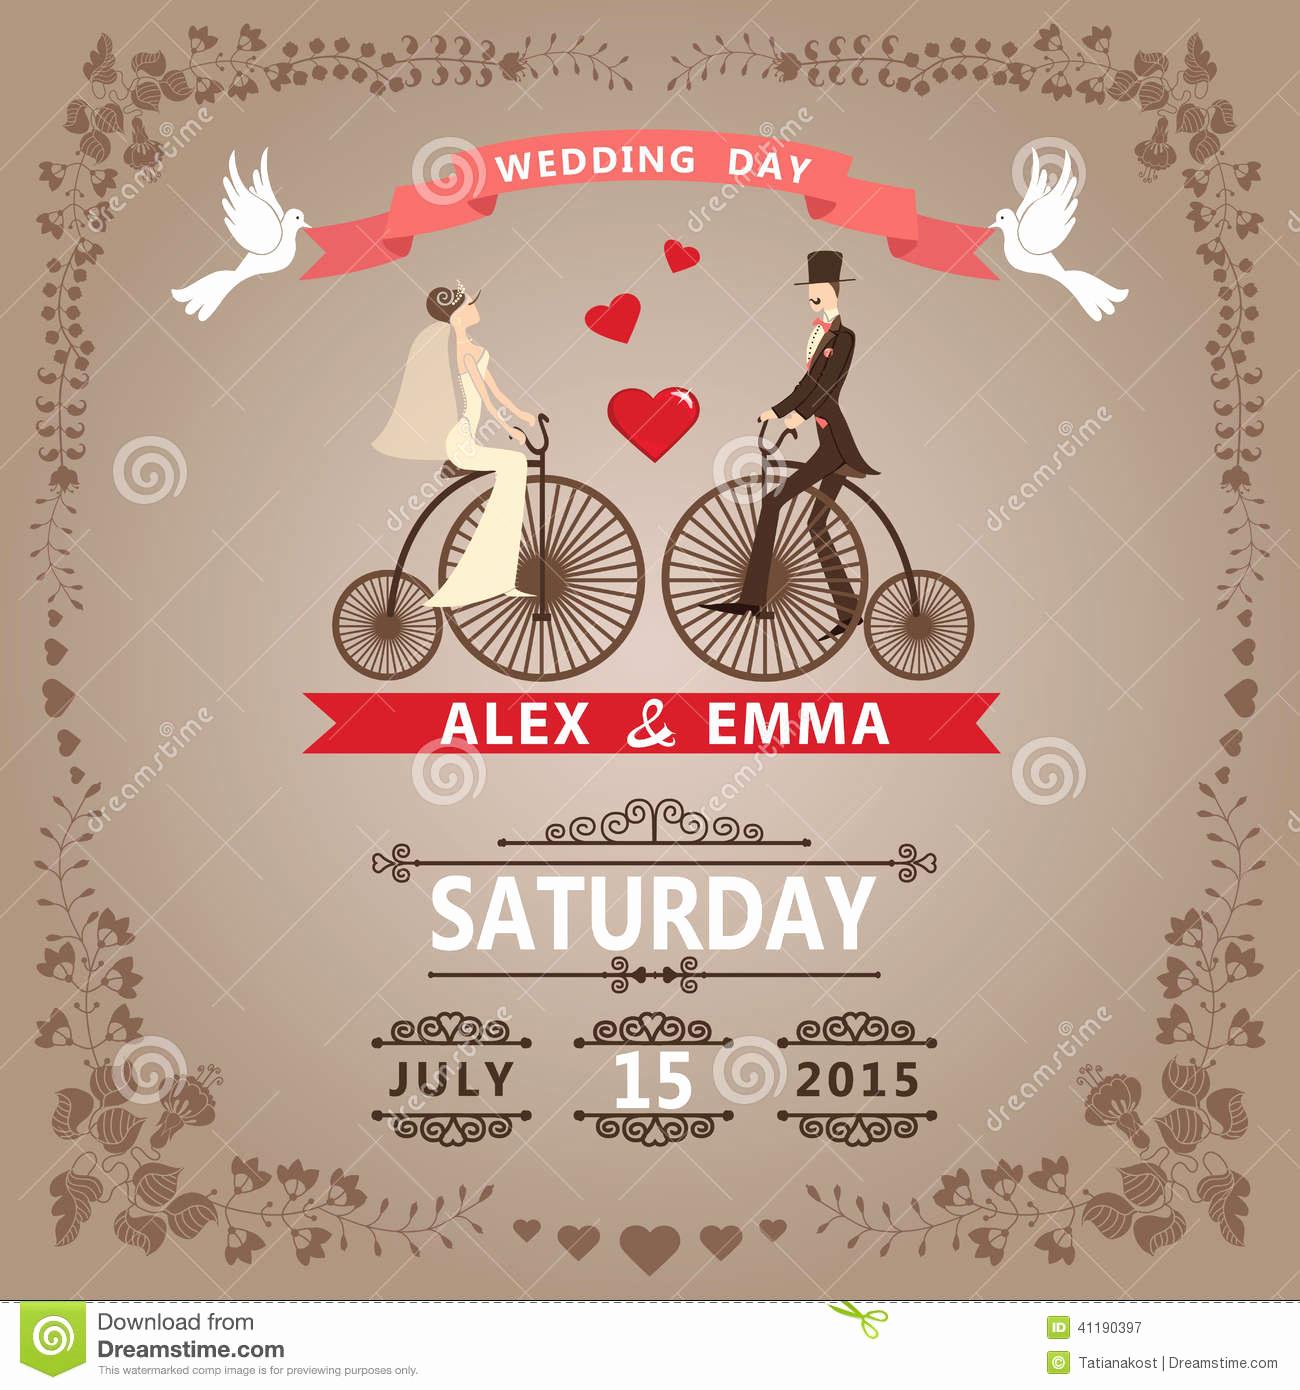 Vintage Wedding Invitation Templates Elegant Vintage Style Wedding Invitation Templates